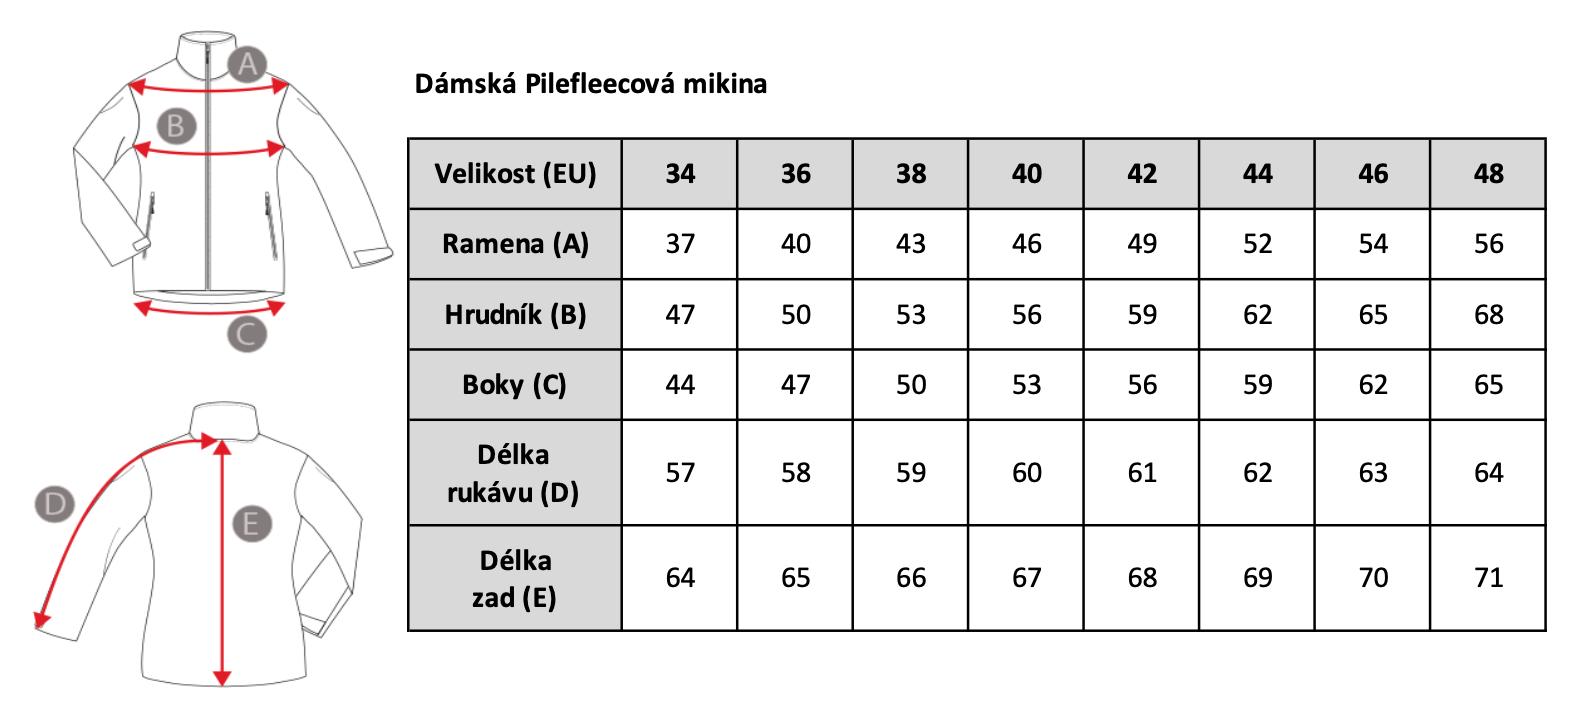 dámská_pilefleecová_mikina